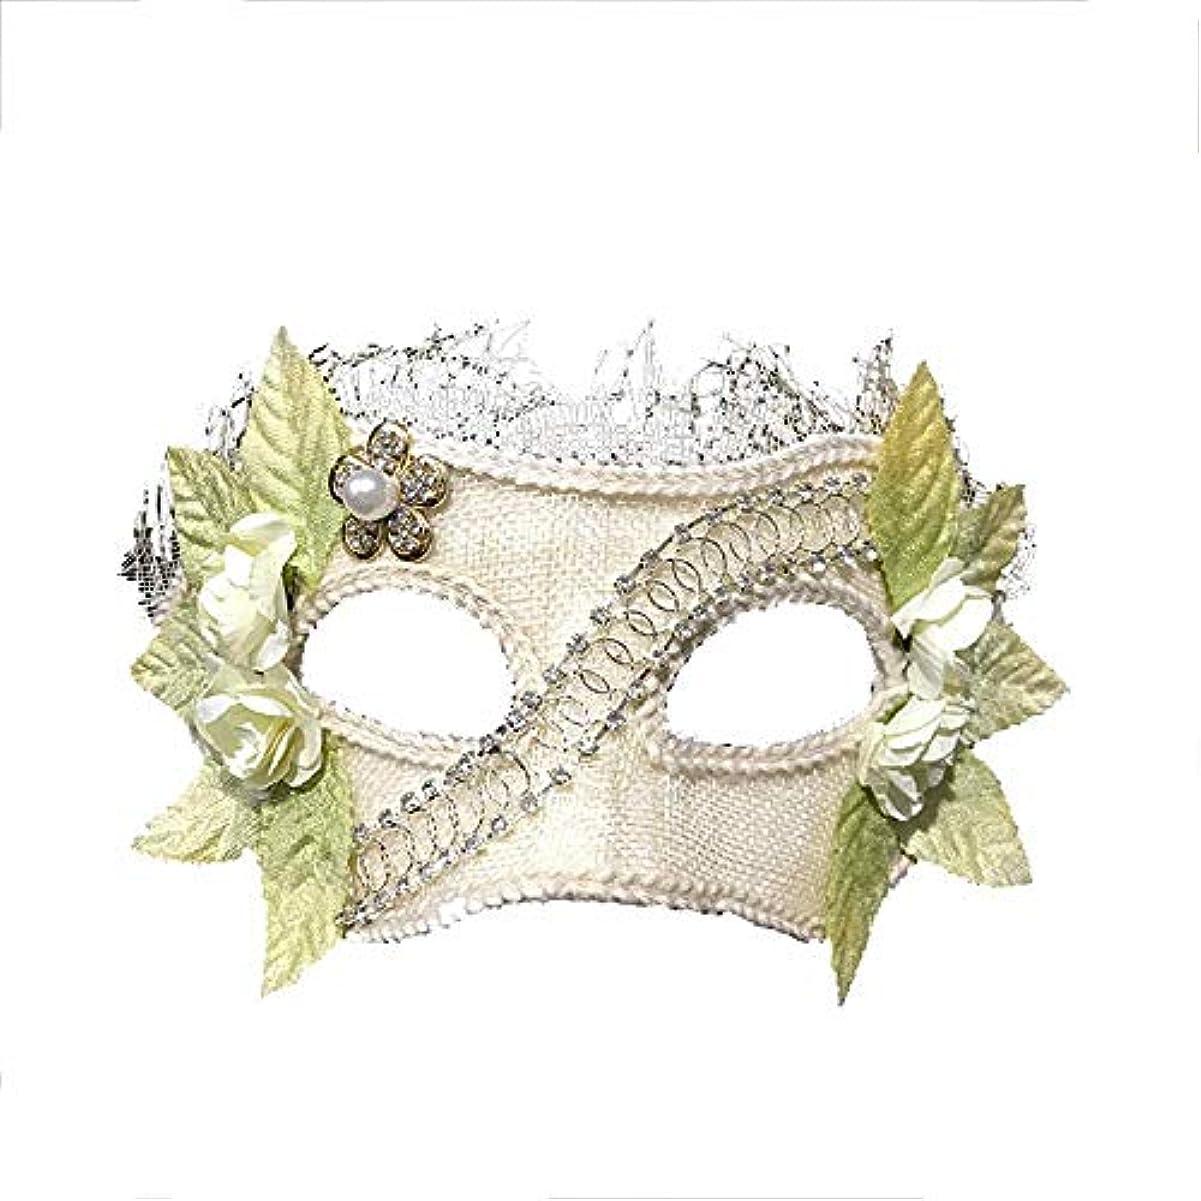 クック階下取り扱いNanle ハロウィンクリスマスフラワーフェザービーズマスク仮装マスクレディミスプリンセス美容祭パーティーデコレーションマスク (色 : Style A)